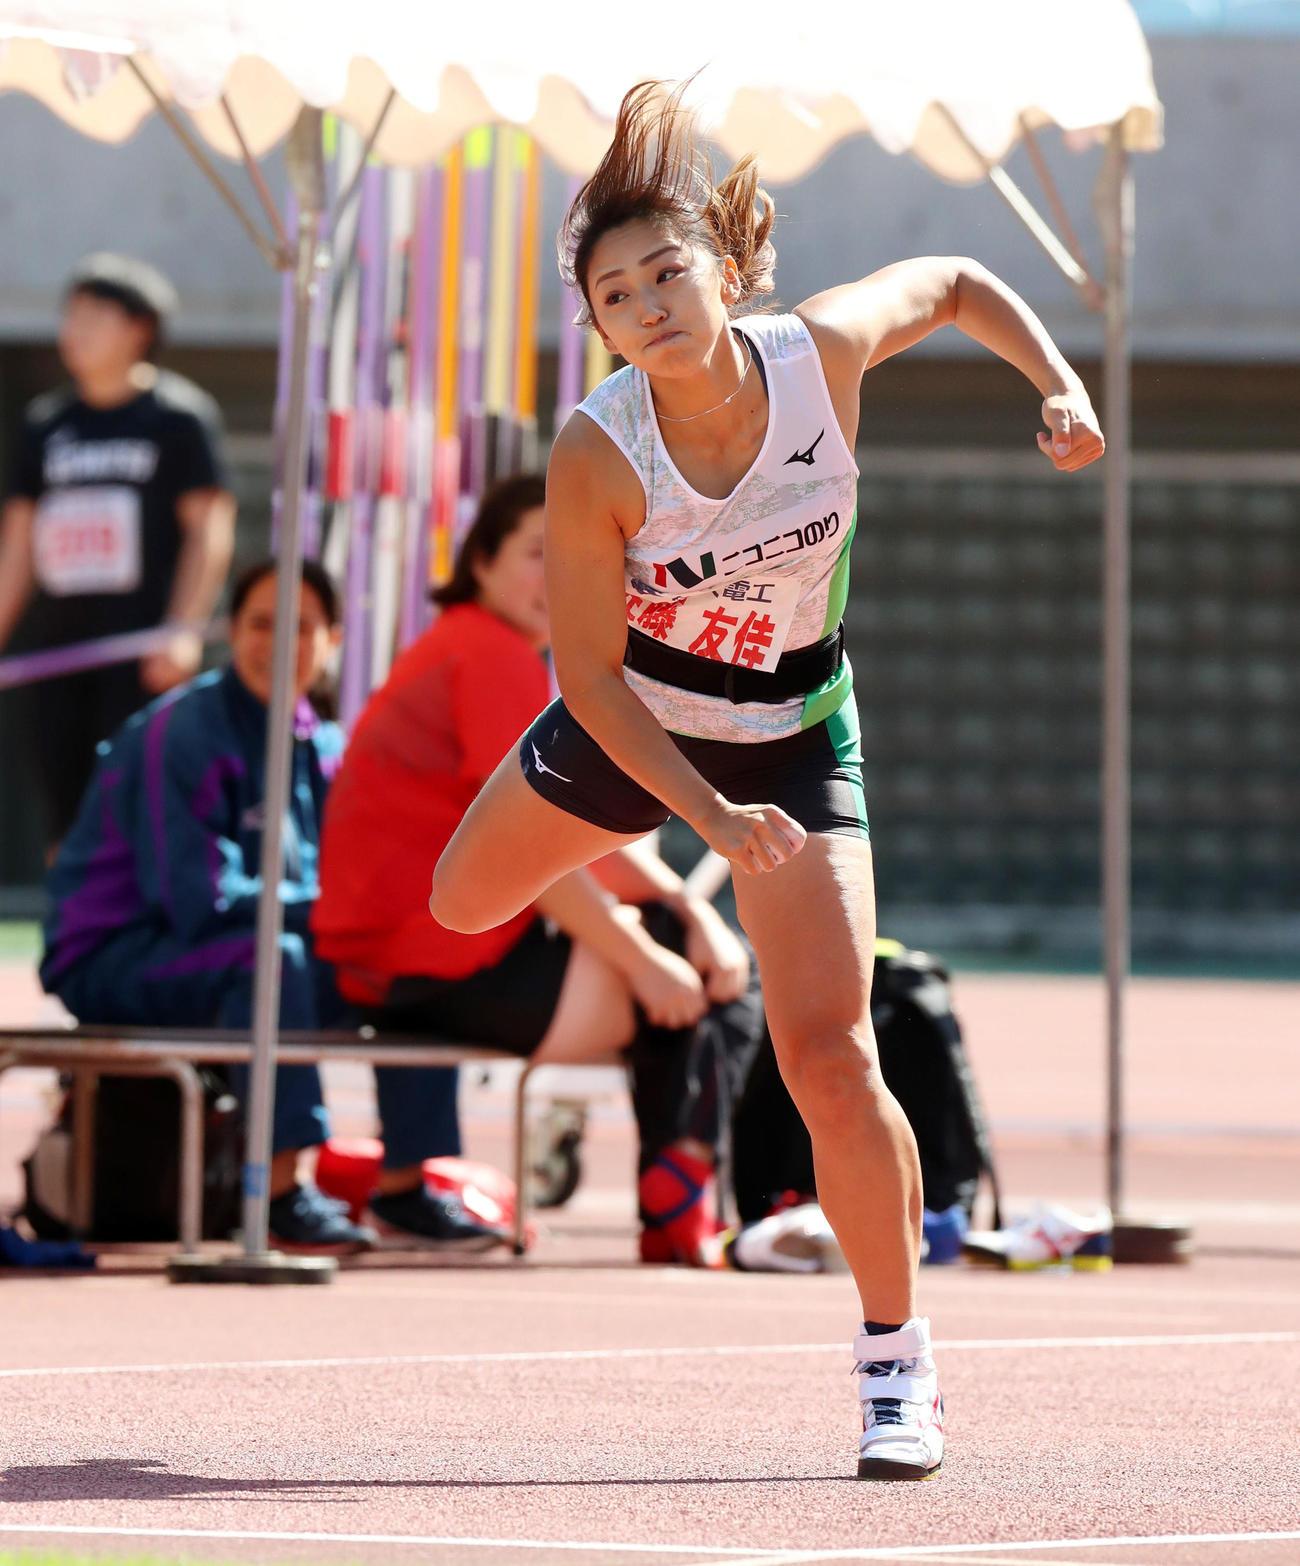 女子やり投げ決勝 60メートル69の距離を投げ優勝した佐藤友佳(撮影・加藤哉)